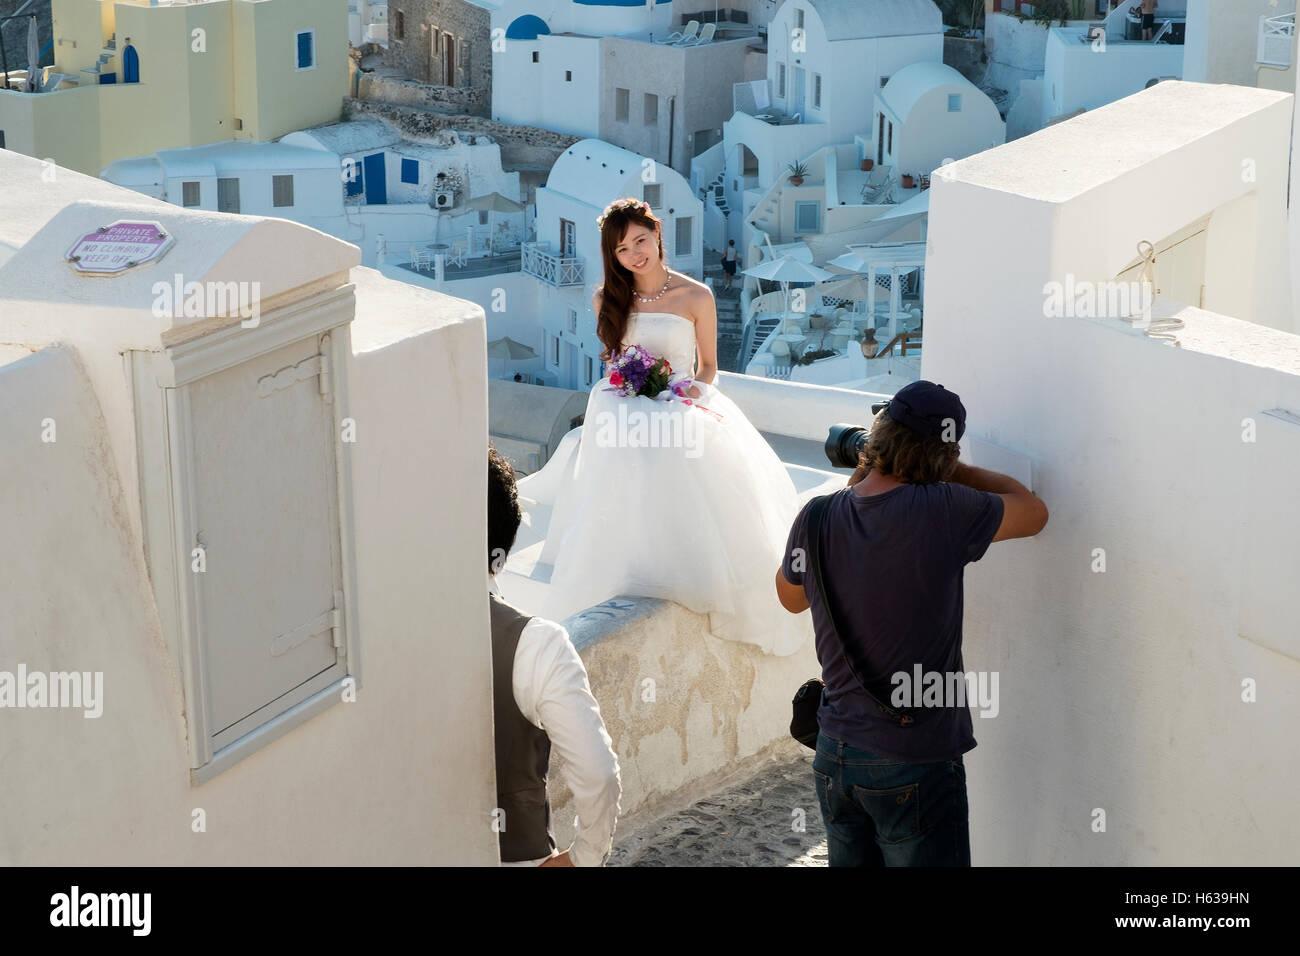 Cruise Wedding Stock Photos & Cruise Wedding Stock Images - Alamy